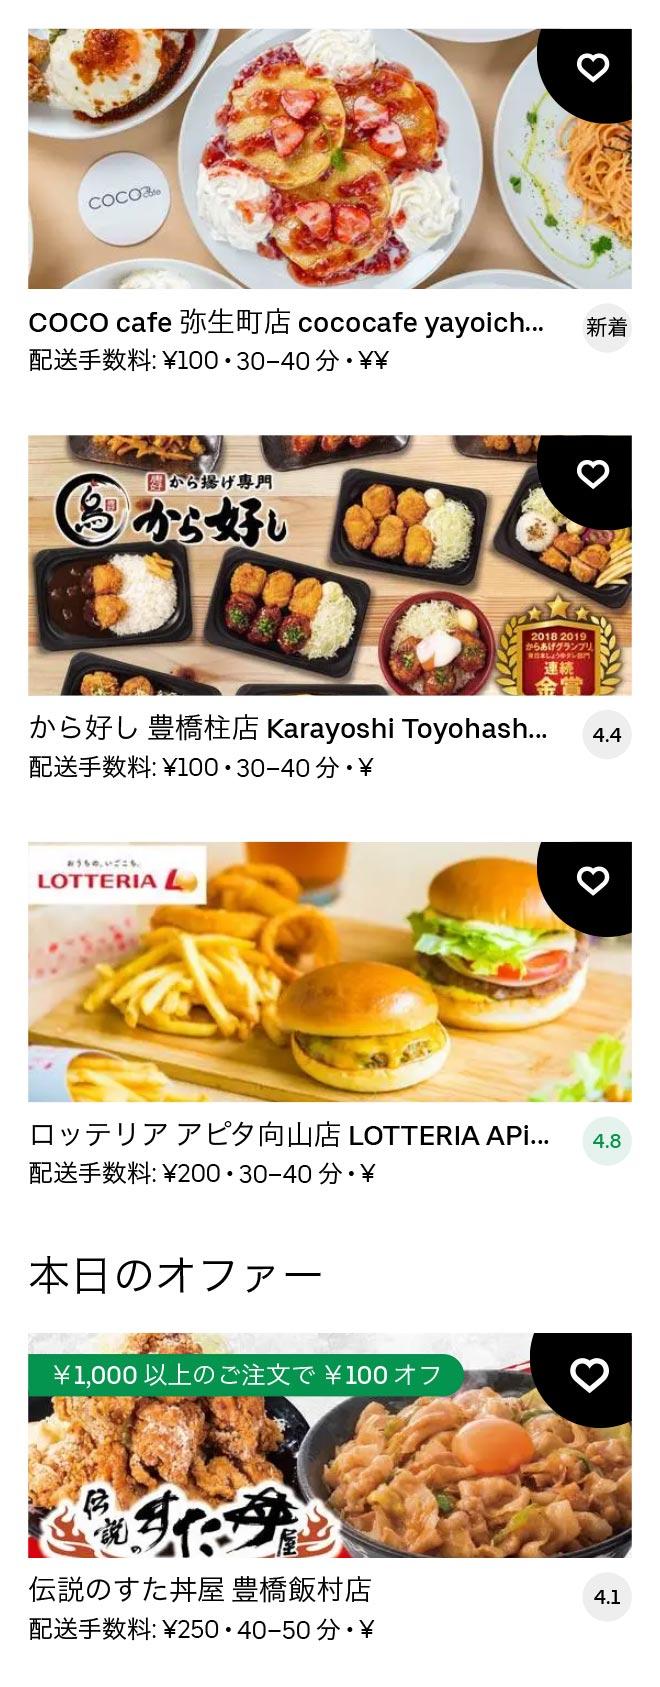 Aichi daigaku menu 2012 03